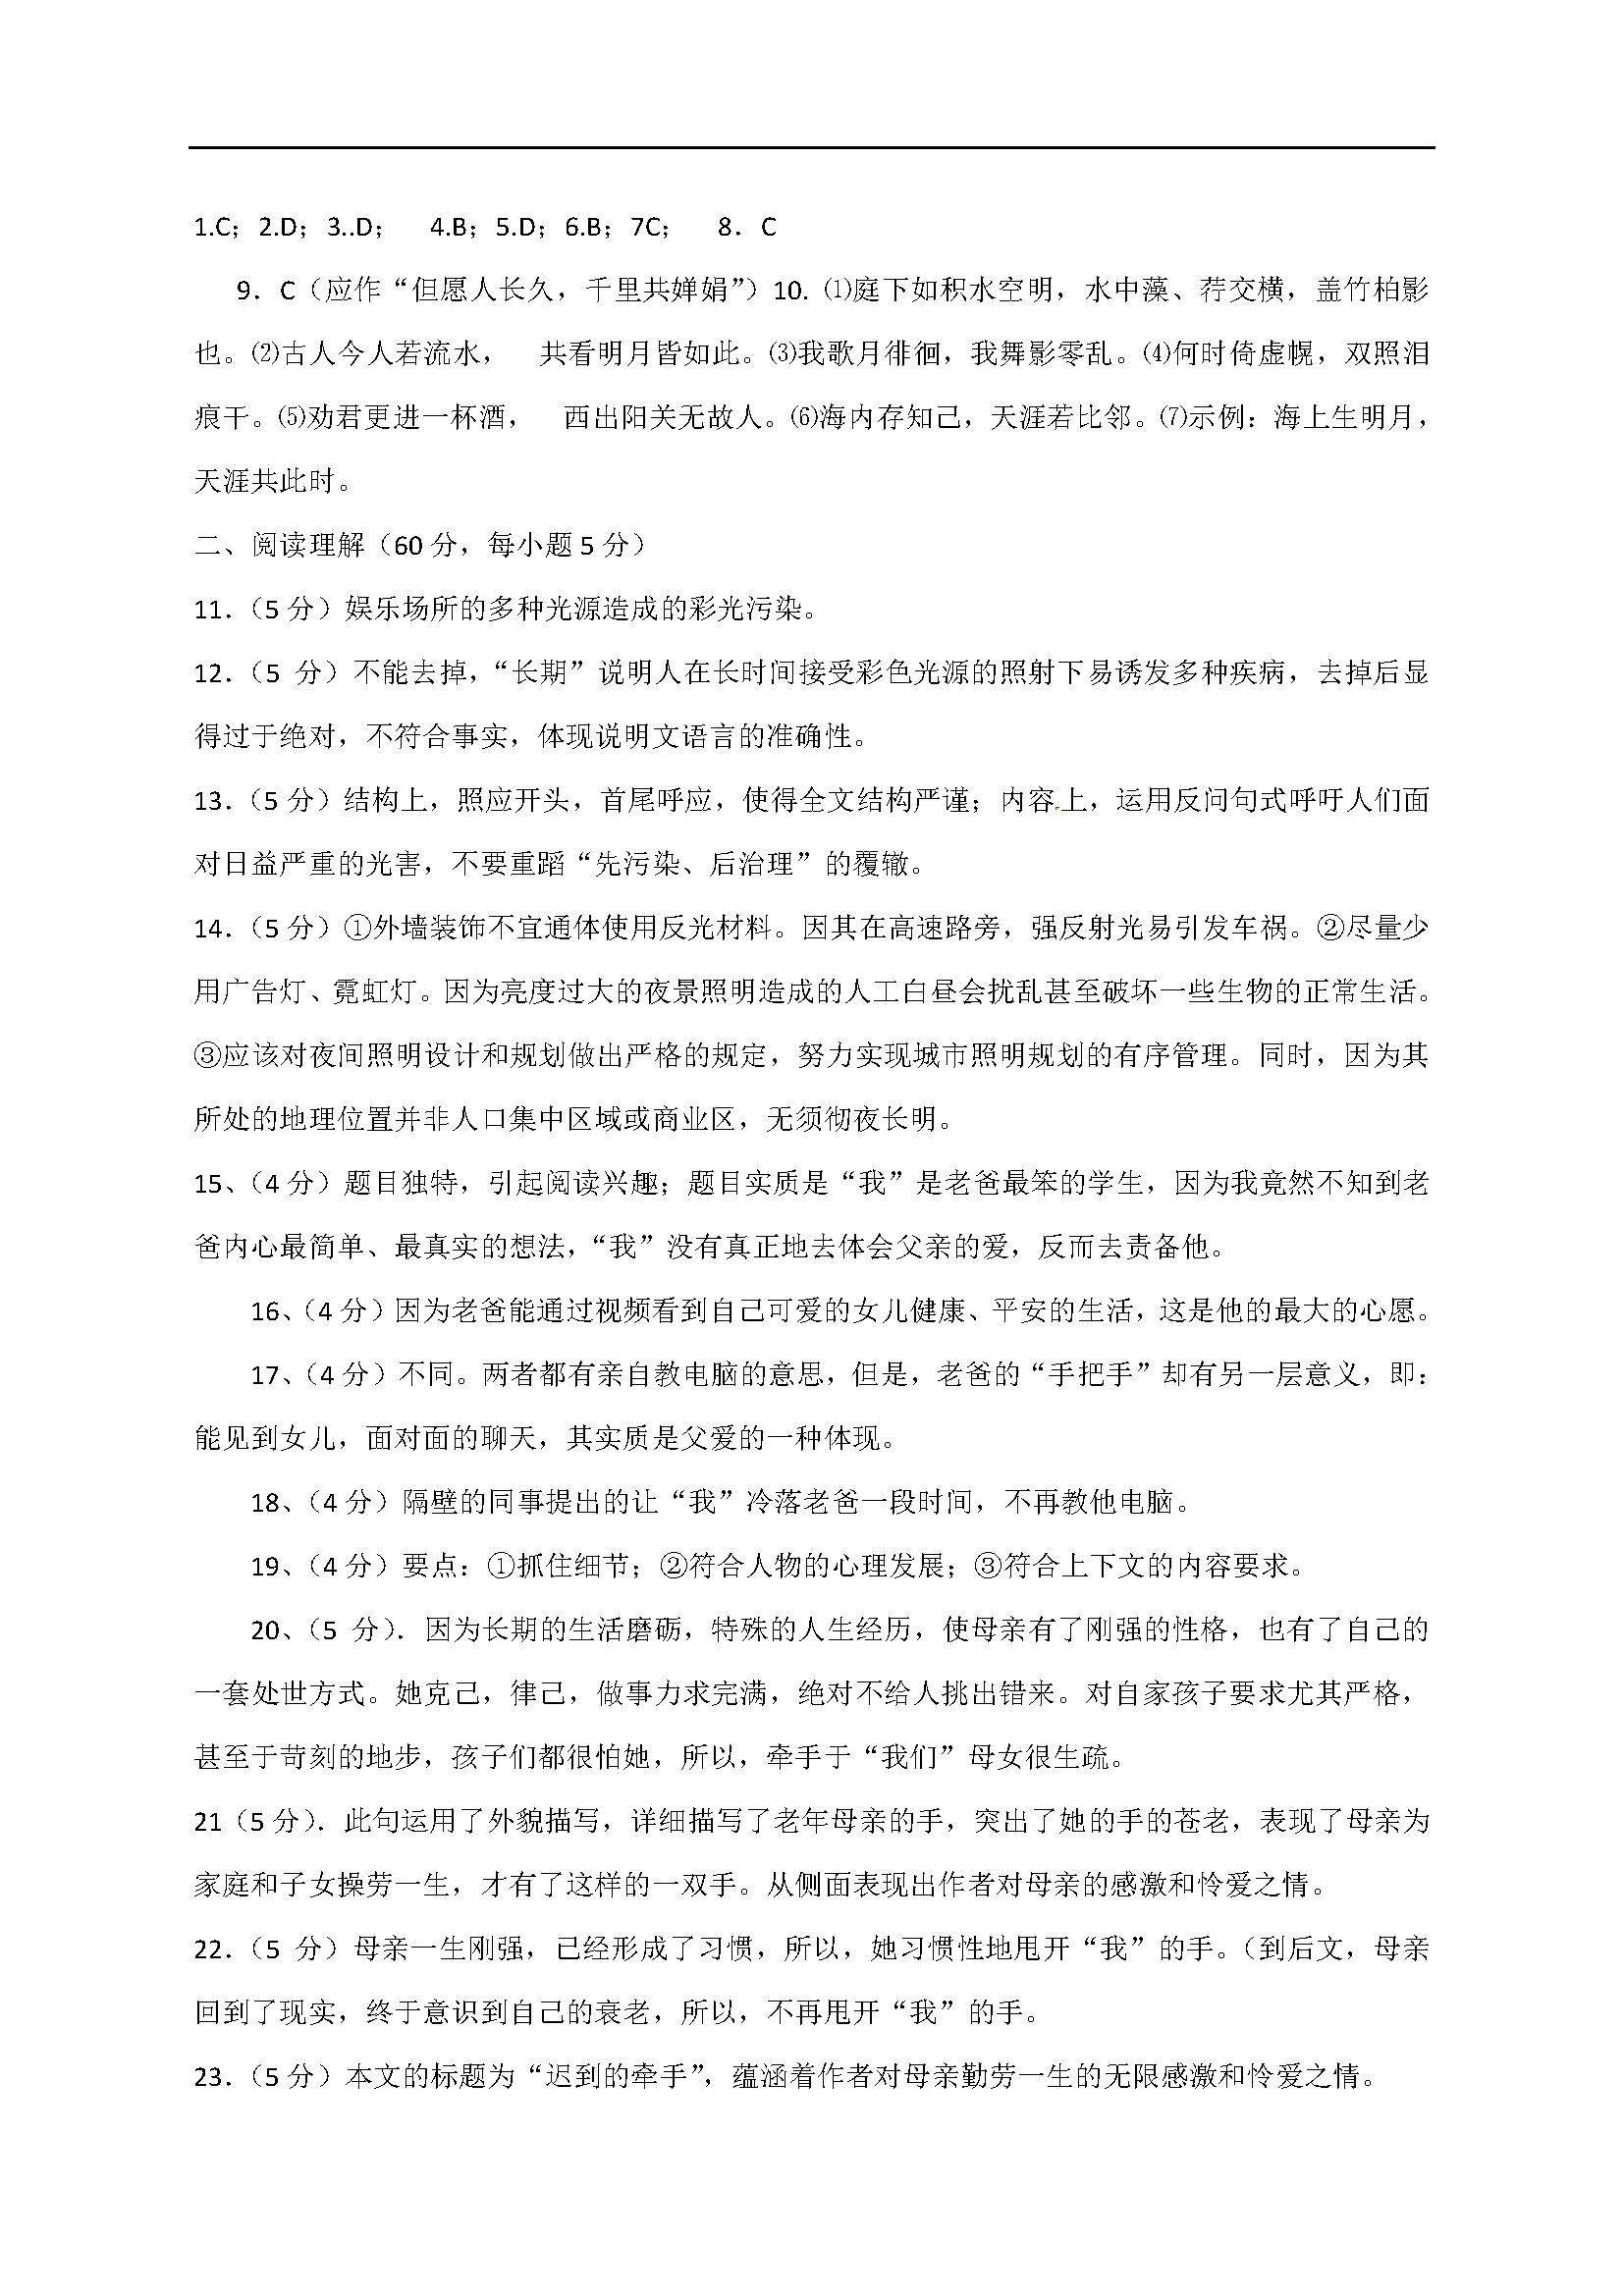 2017年甘肃白银会宁县会师中学九年级下第一次月考语文试题答案(图片版)